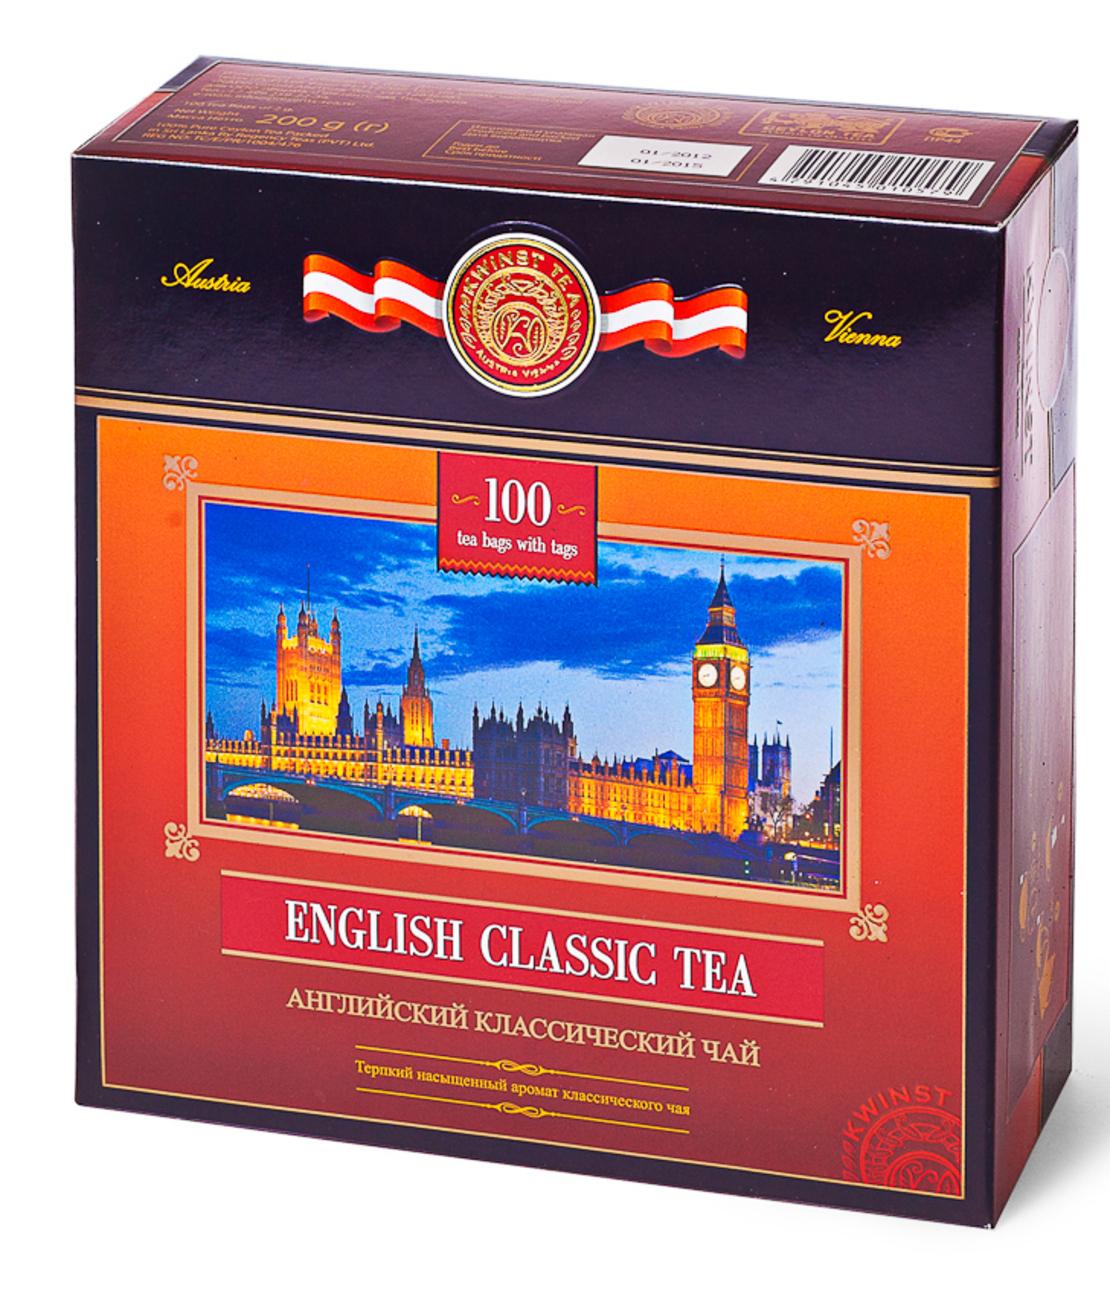 Чай KWINST английский классический, 100 пакетиков